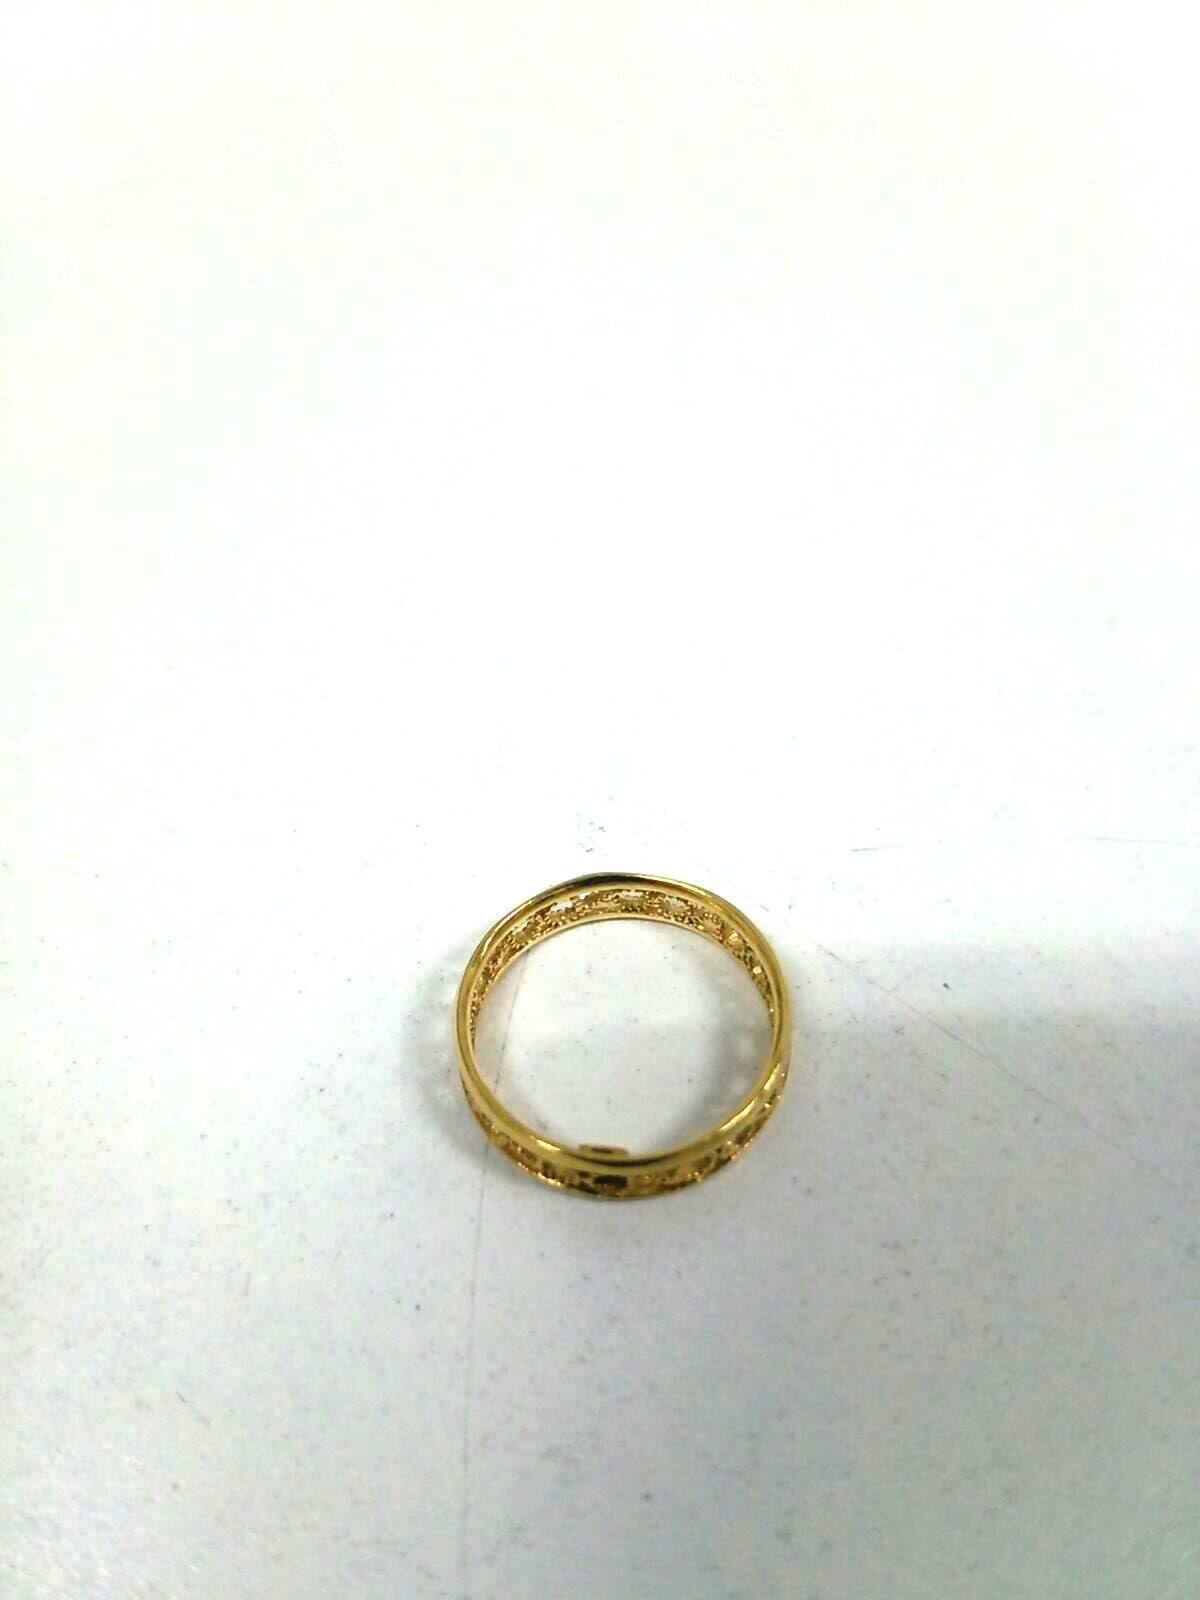 UNOAERRE(ウノアエレ)のリング